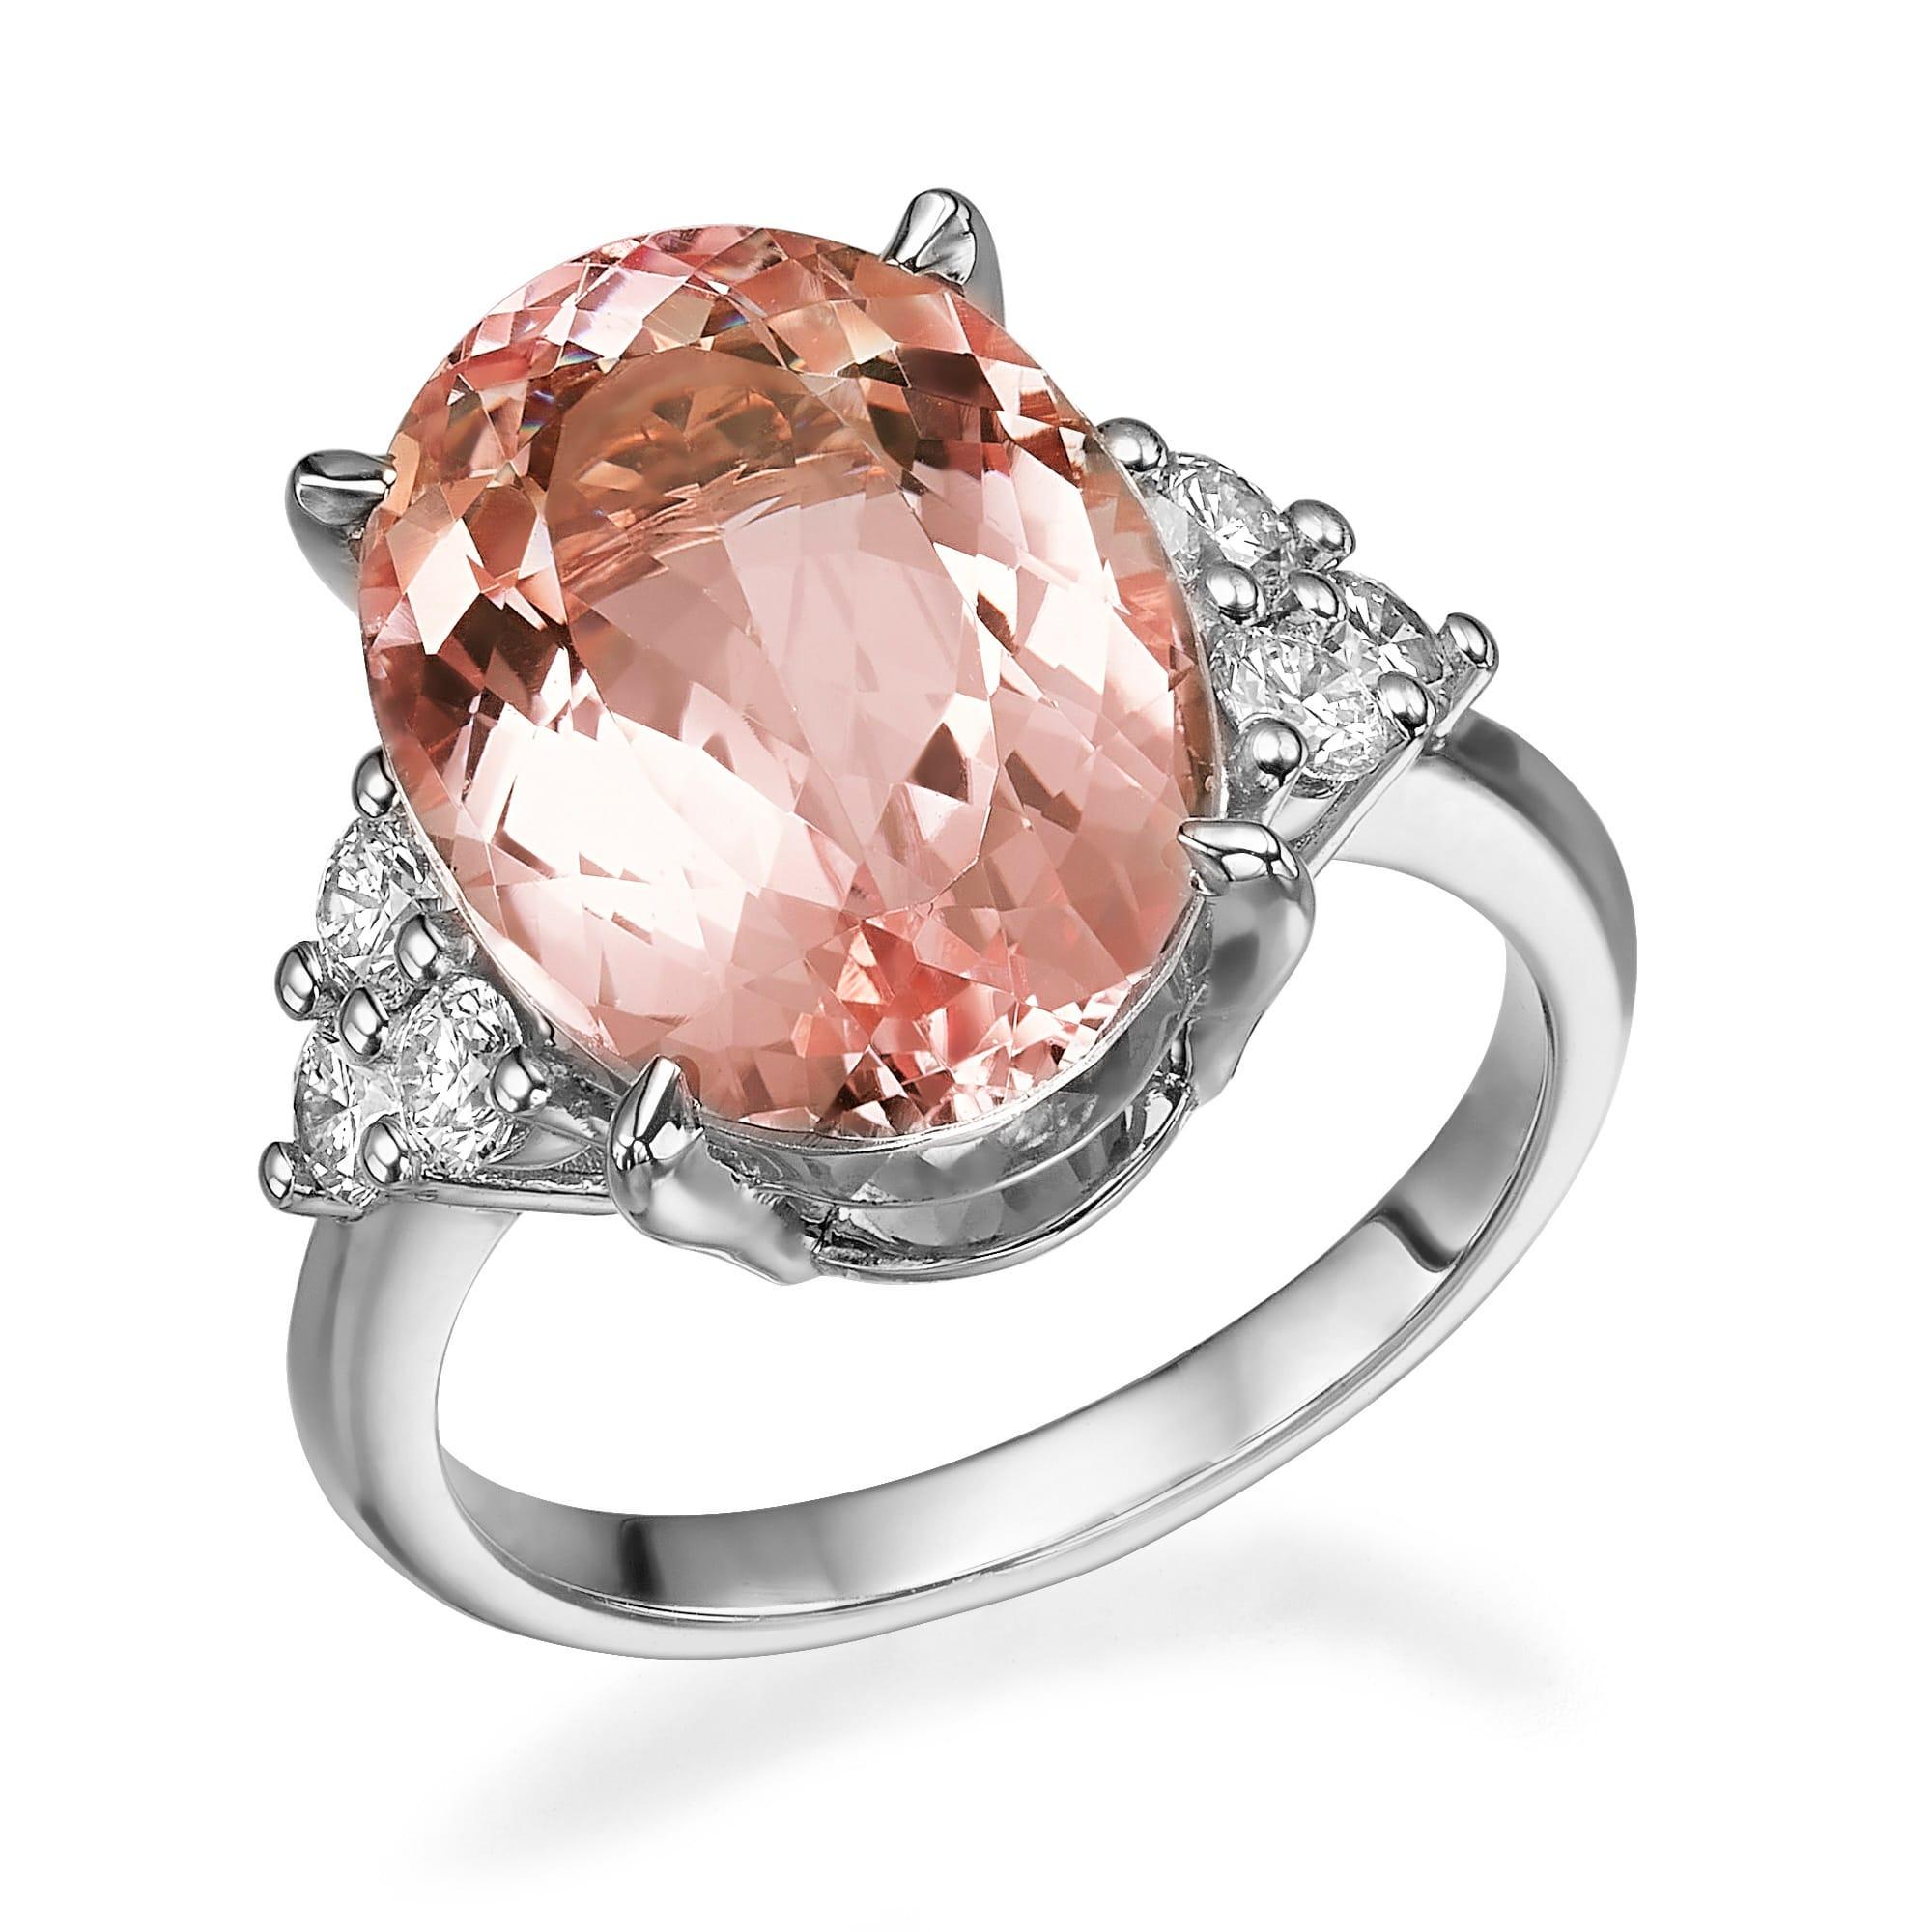 טבעת מורגנייט דגם Kourtney